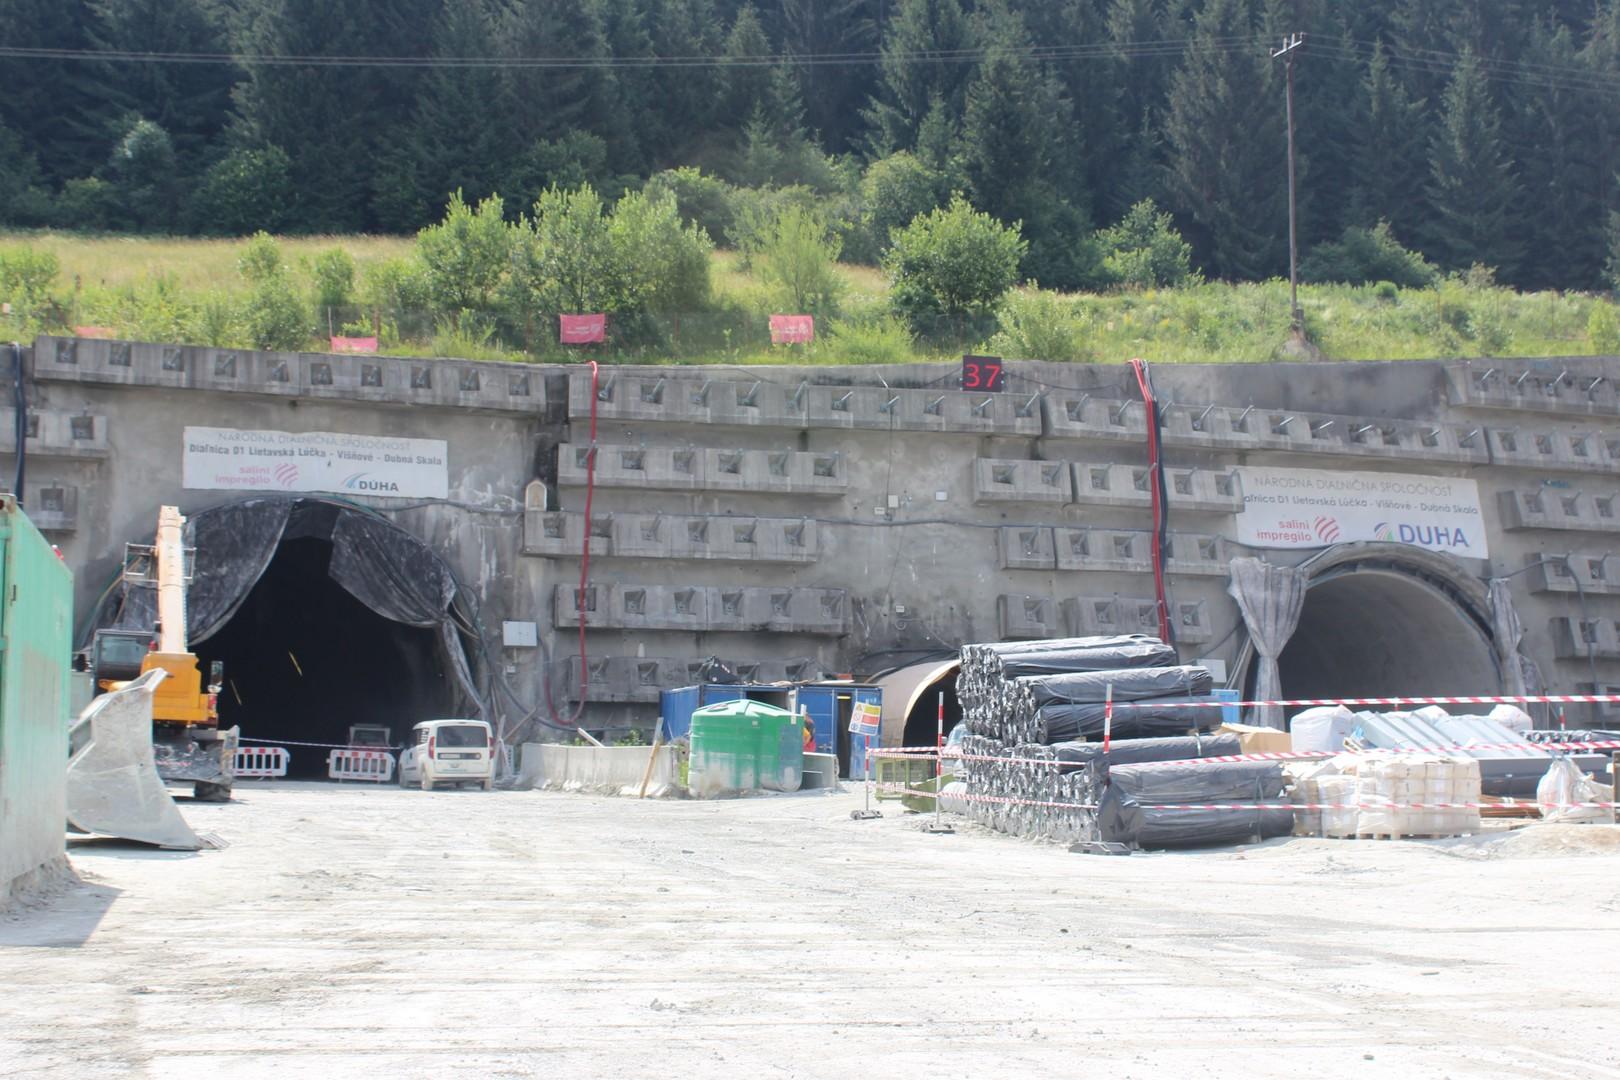 ... dopravy a výstavby SR Árpád Érsek (Most-Híd) zhotoviteľom stavby na  predloženie nového harmonogramu ukončenia a sprevádzkovania diaľničného  úseku. 4e0582a3c35